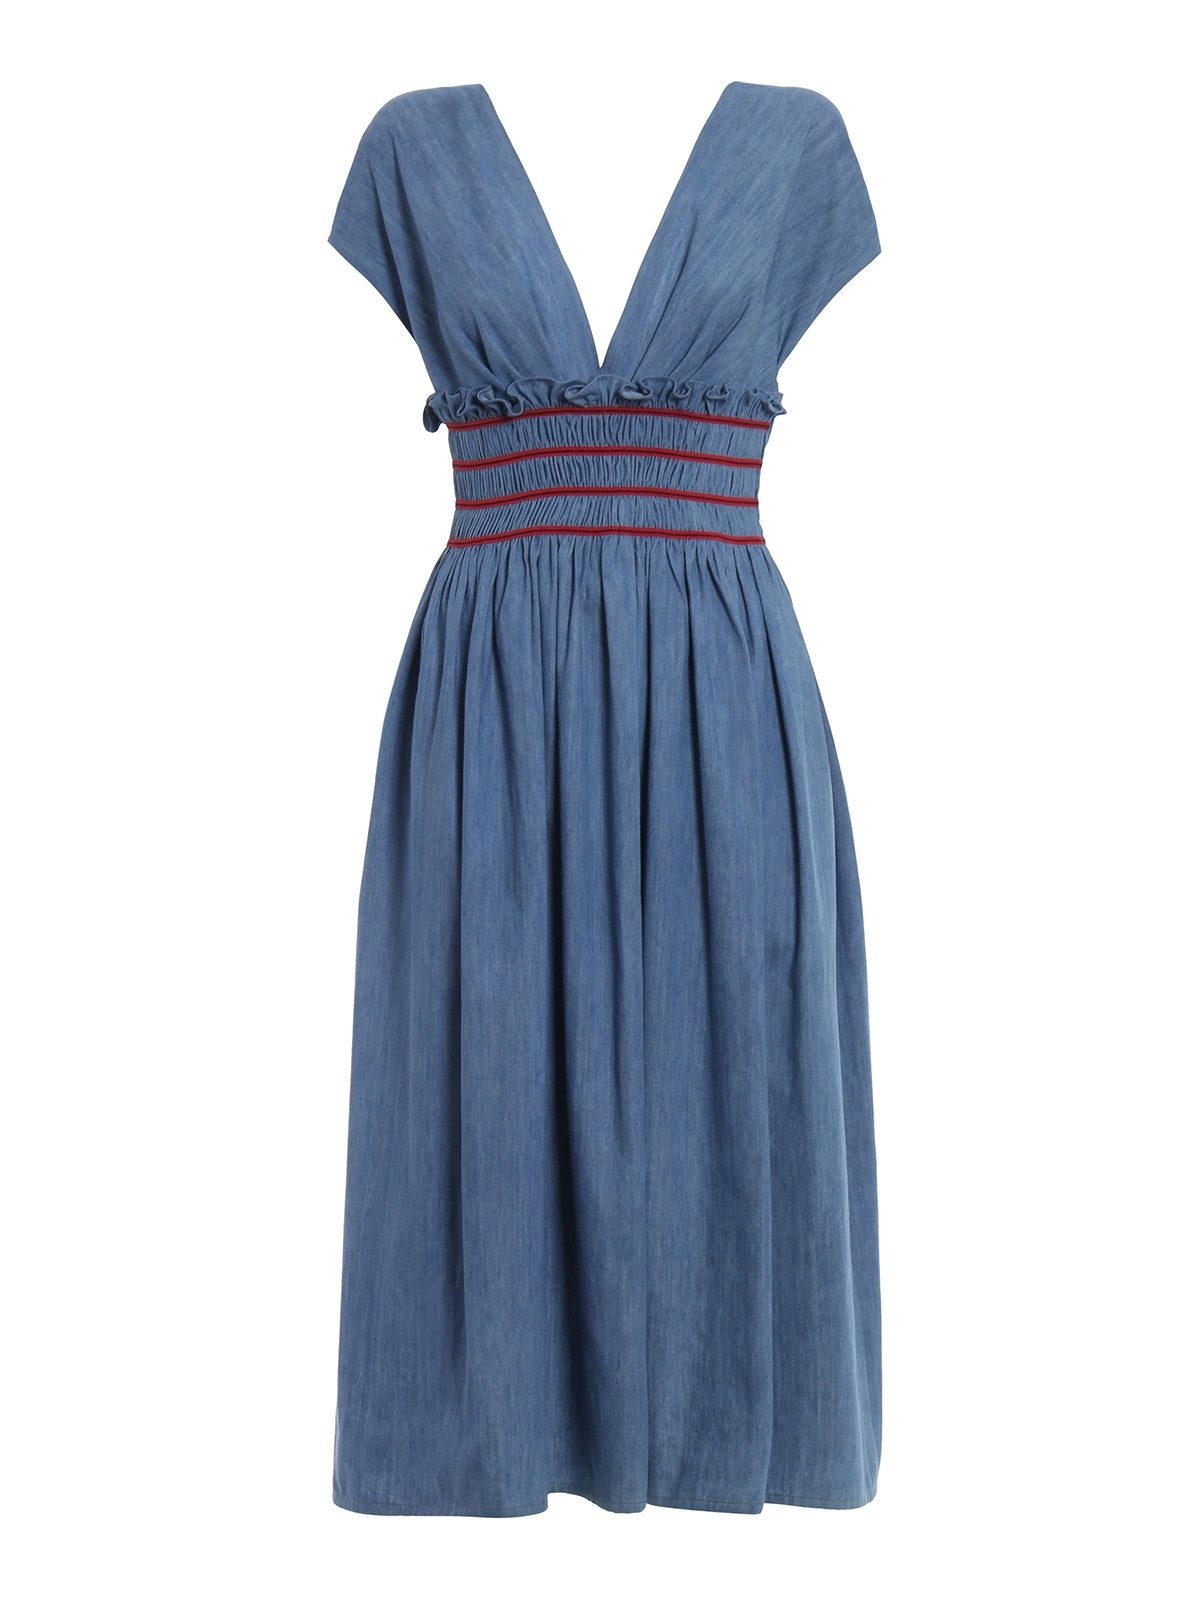 10 Kreativ Kleid Hellblau Knielang VertriebDesigner Schön Kleid Hellblau Knielang Stylish